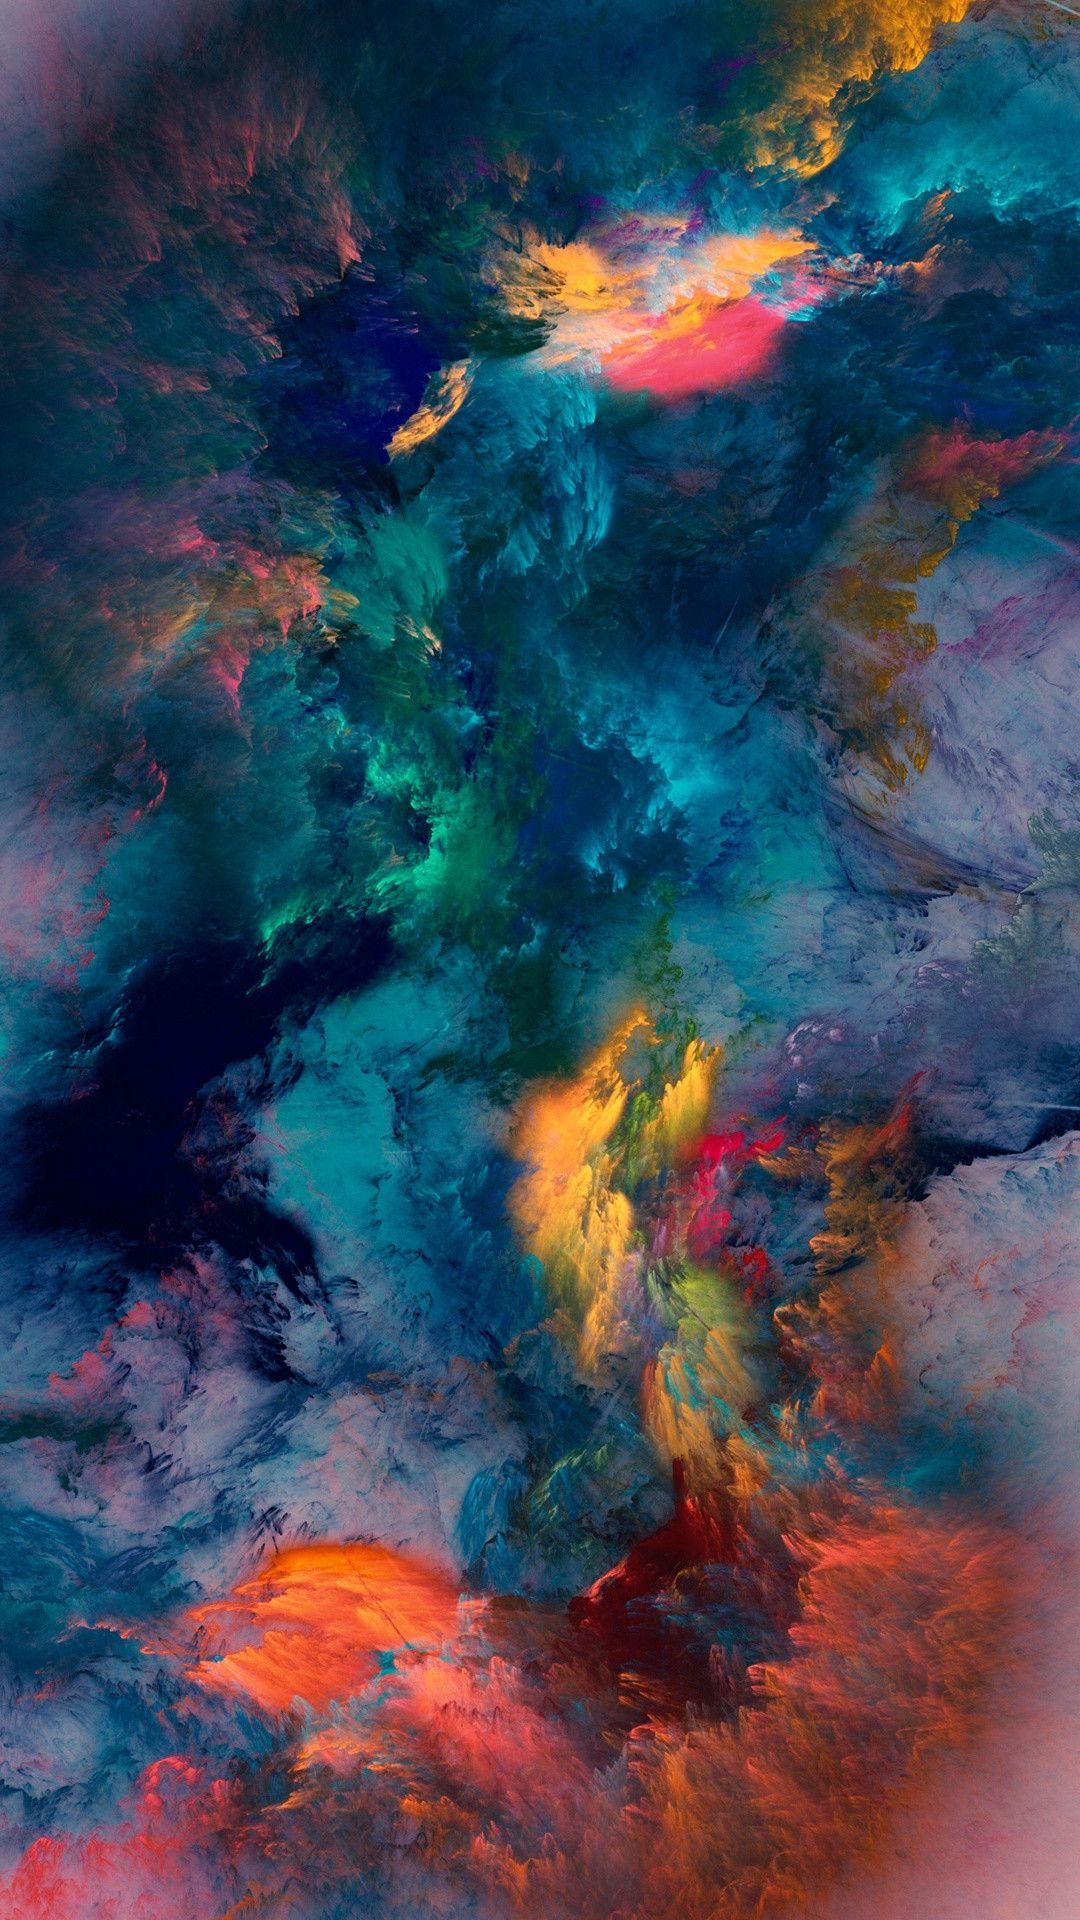 1080x1920 Color Storm Wallpaper Storm Wallpaper Iphone 7 Plus Wallpaper Hd Wallpaper Iphone